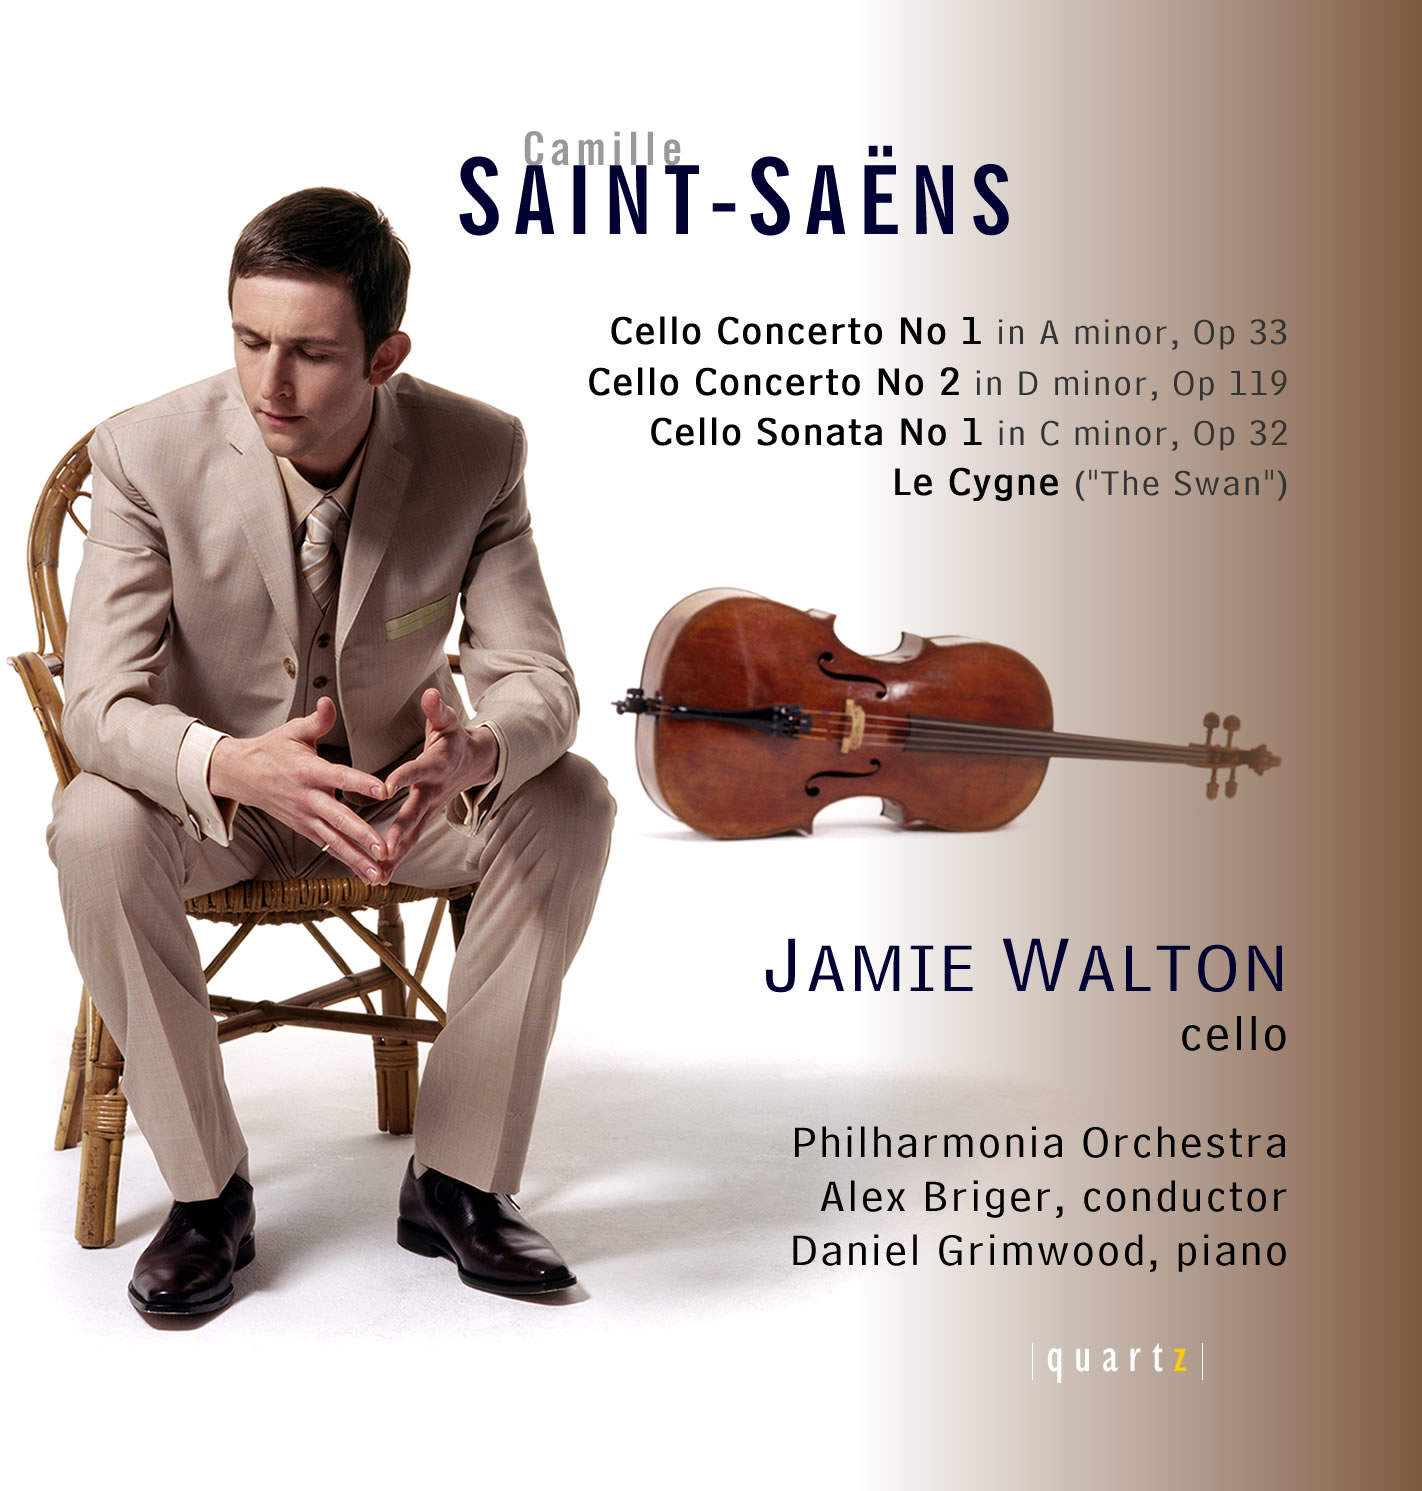 Jamie Walton (cello)